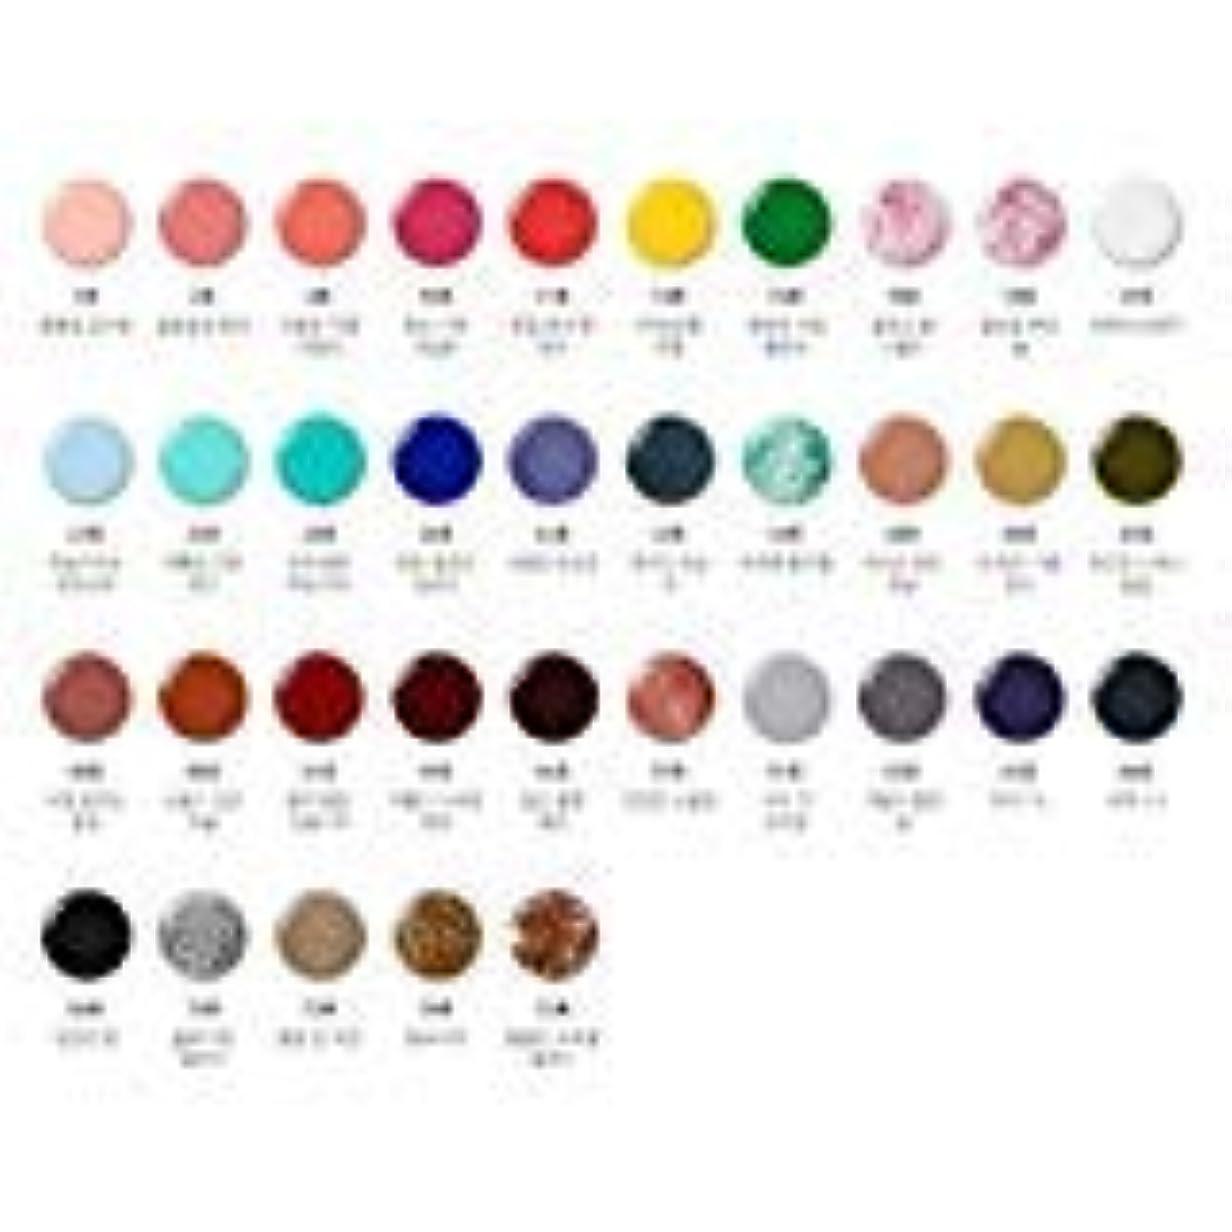 自動車ロードブロッキング議会[イニスフリー.innisfree]リアルカラーネイル6mL(2019 new)/ Real Color Nail_美しい自然からインスピレーションを受けた鮮やかなカラー感の高発色高光沢ネイルカラー (#47)